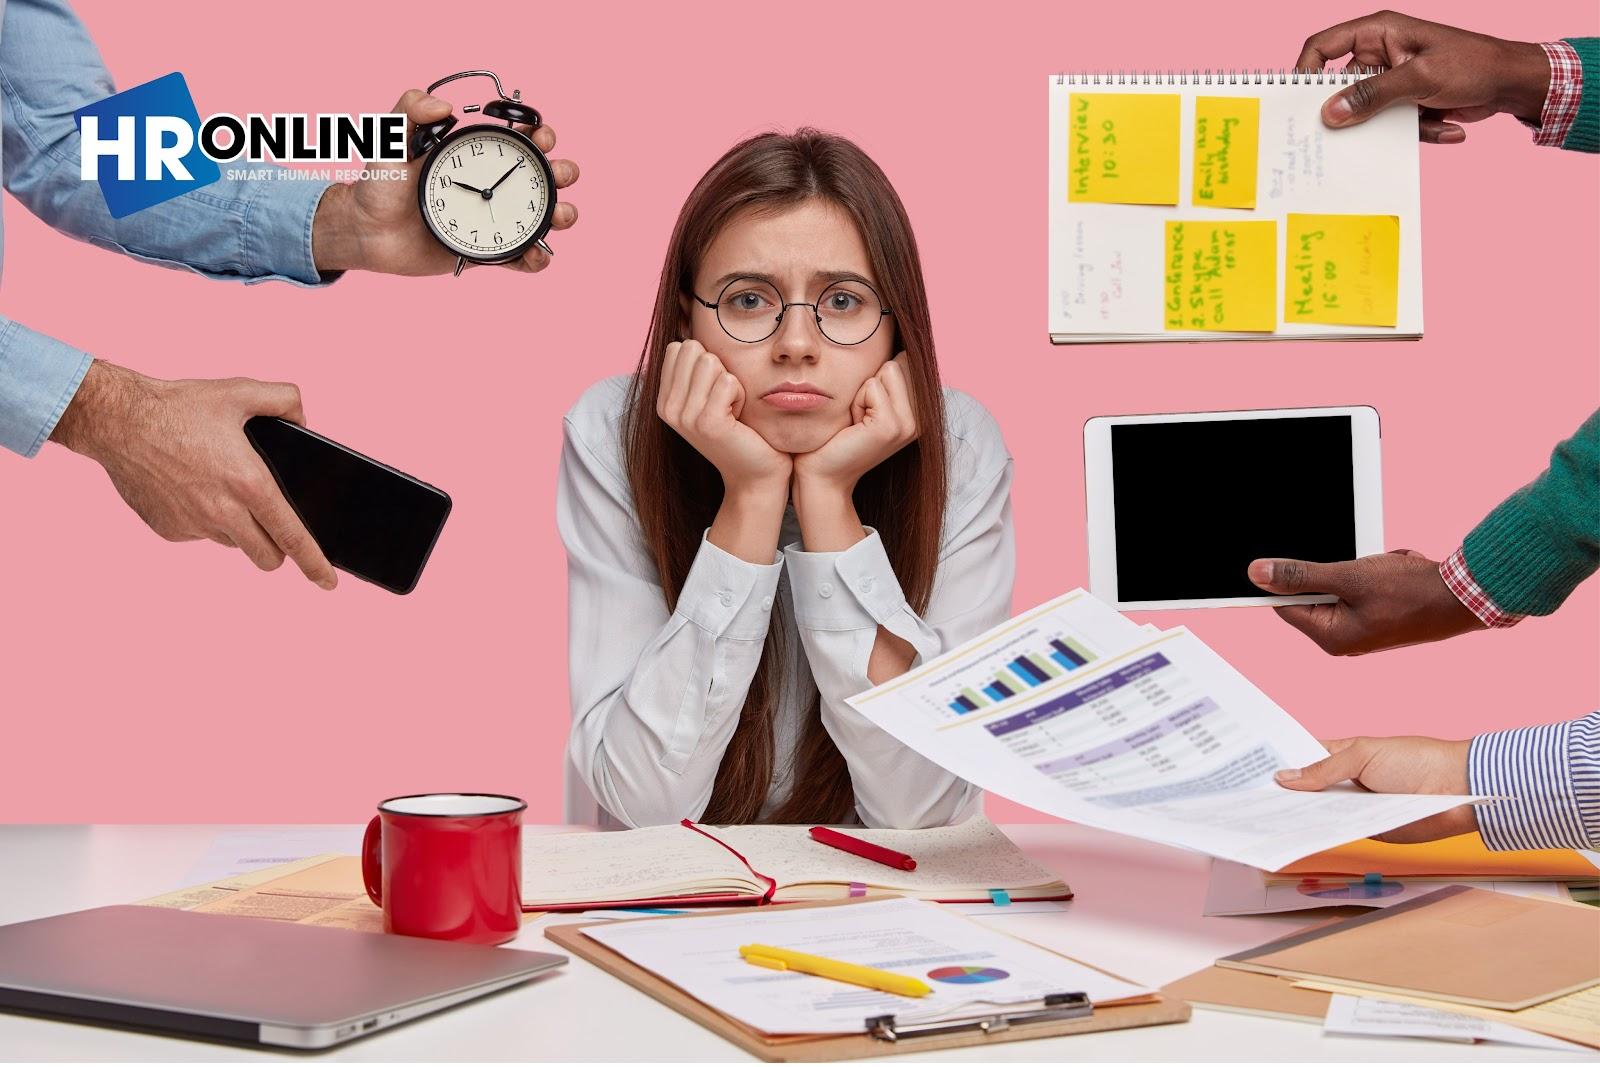 Trễ deadline dẫn đến chất lượng, hiệu quả công việc giảm sút